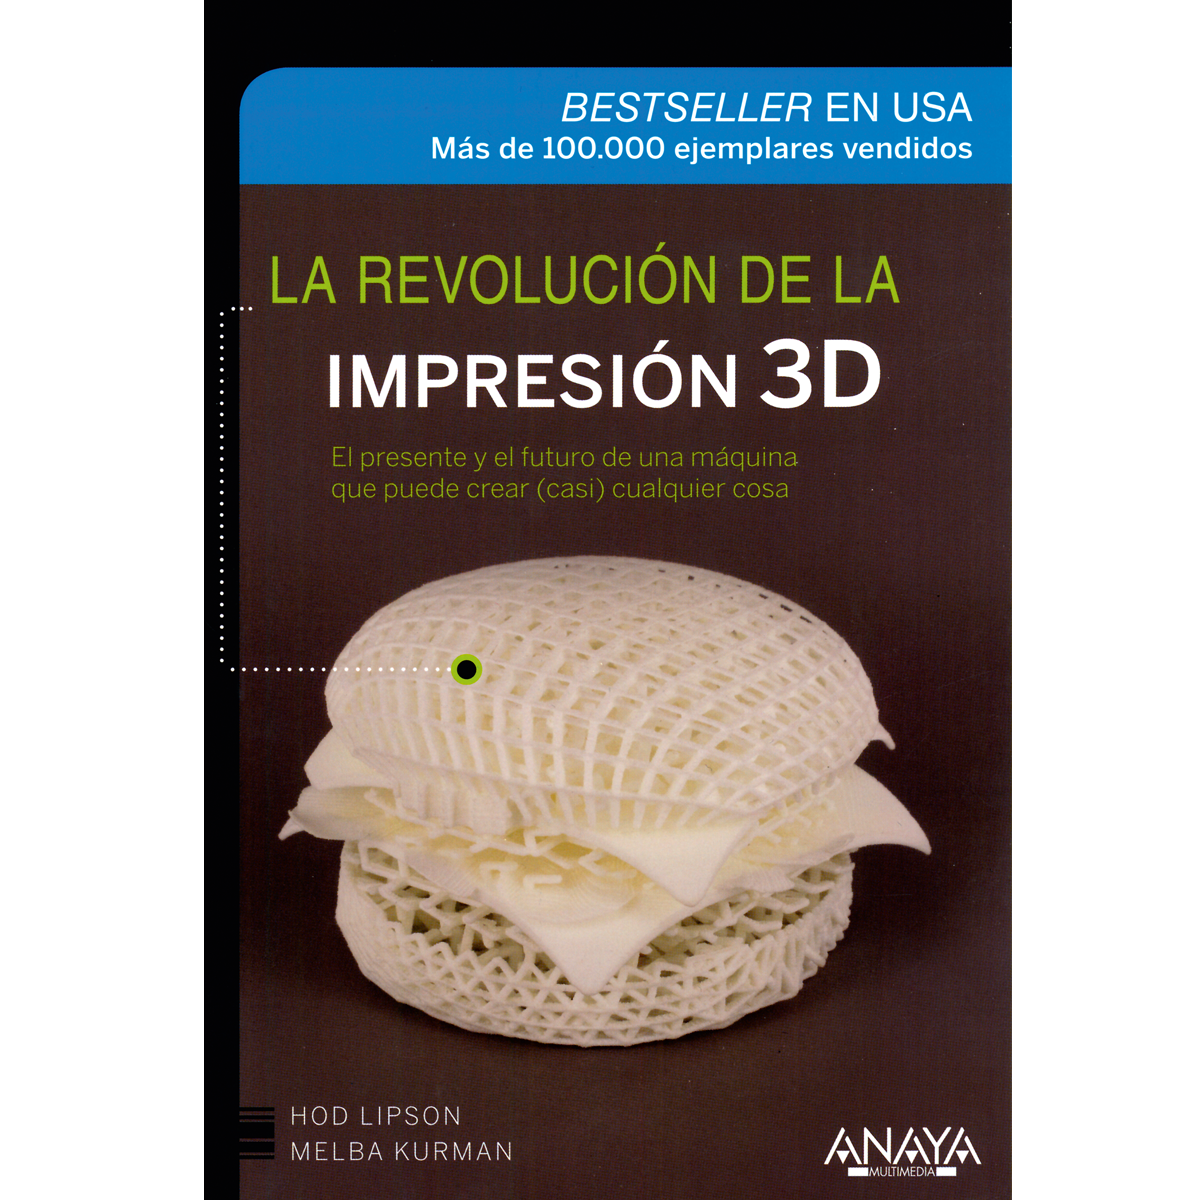 La revolución de la impresión 3D